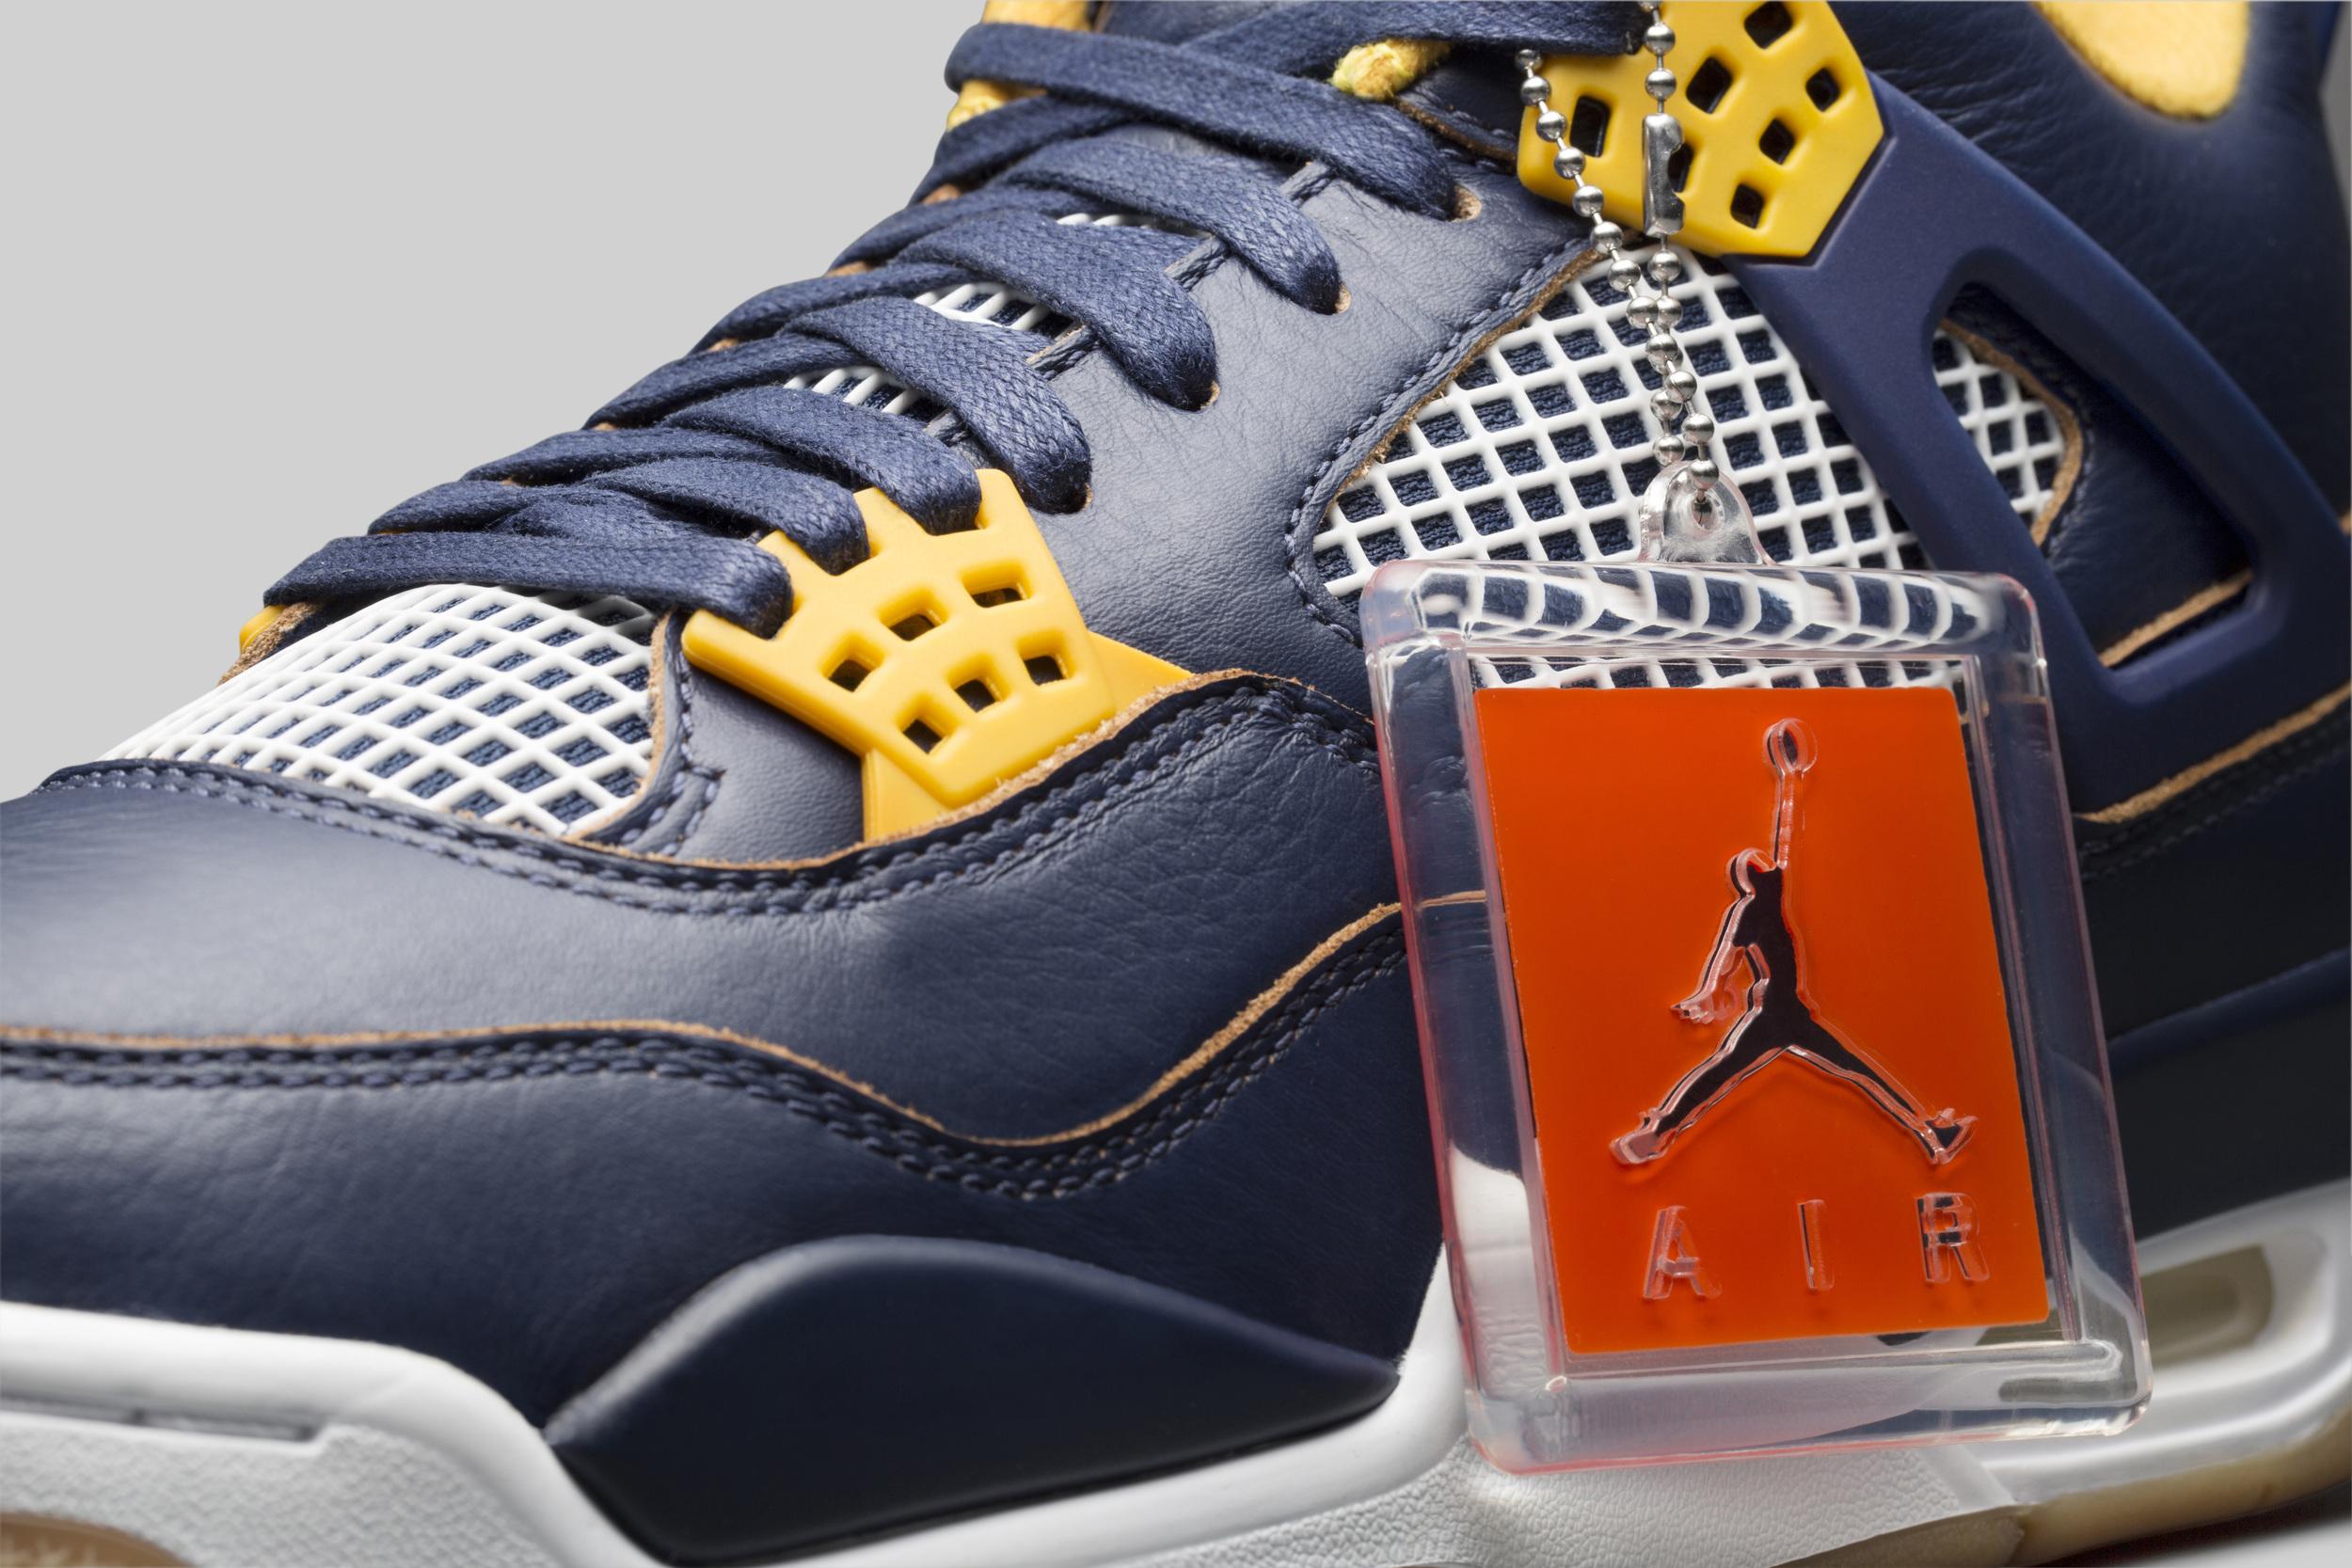 Release-Date-Air-Jordan-4-Dunk-From-Above-01.jpg